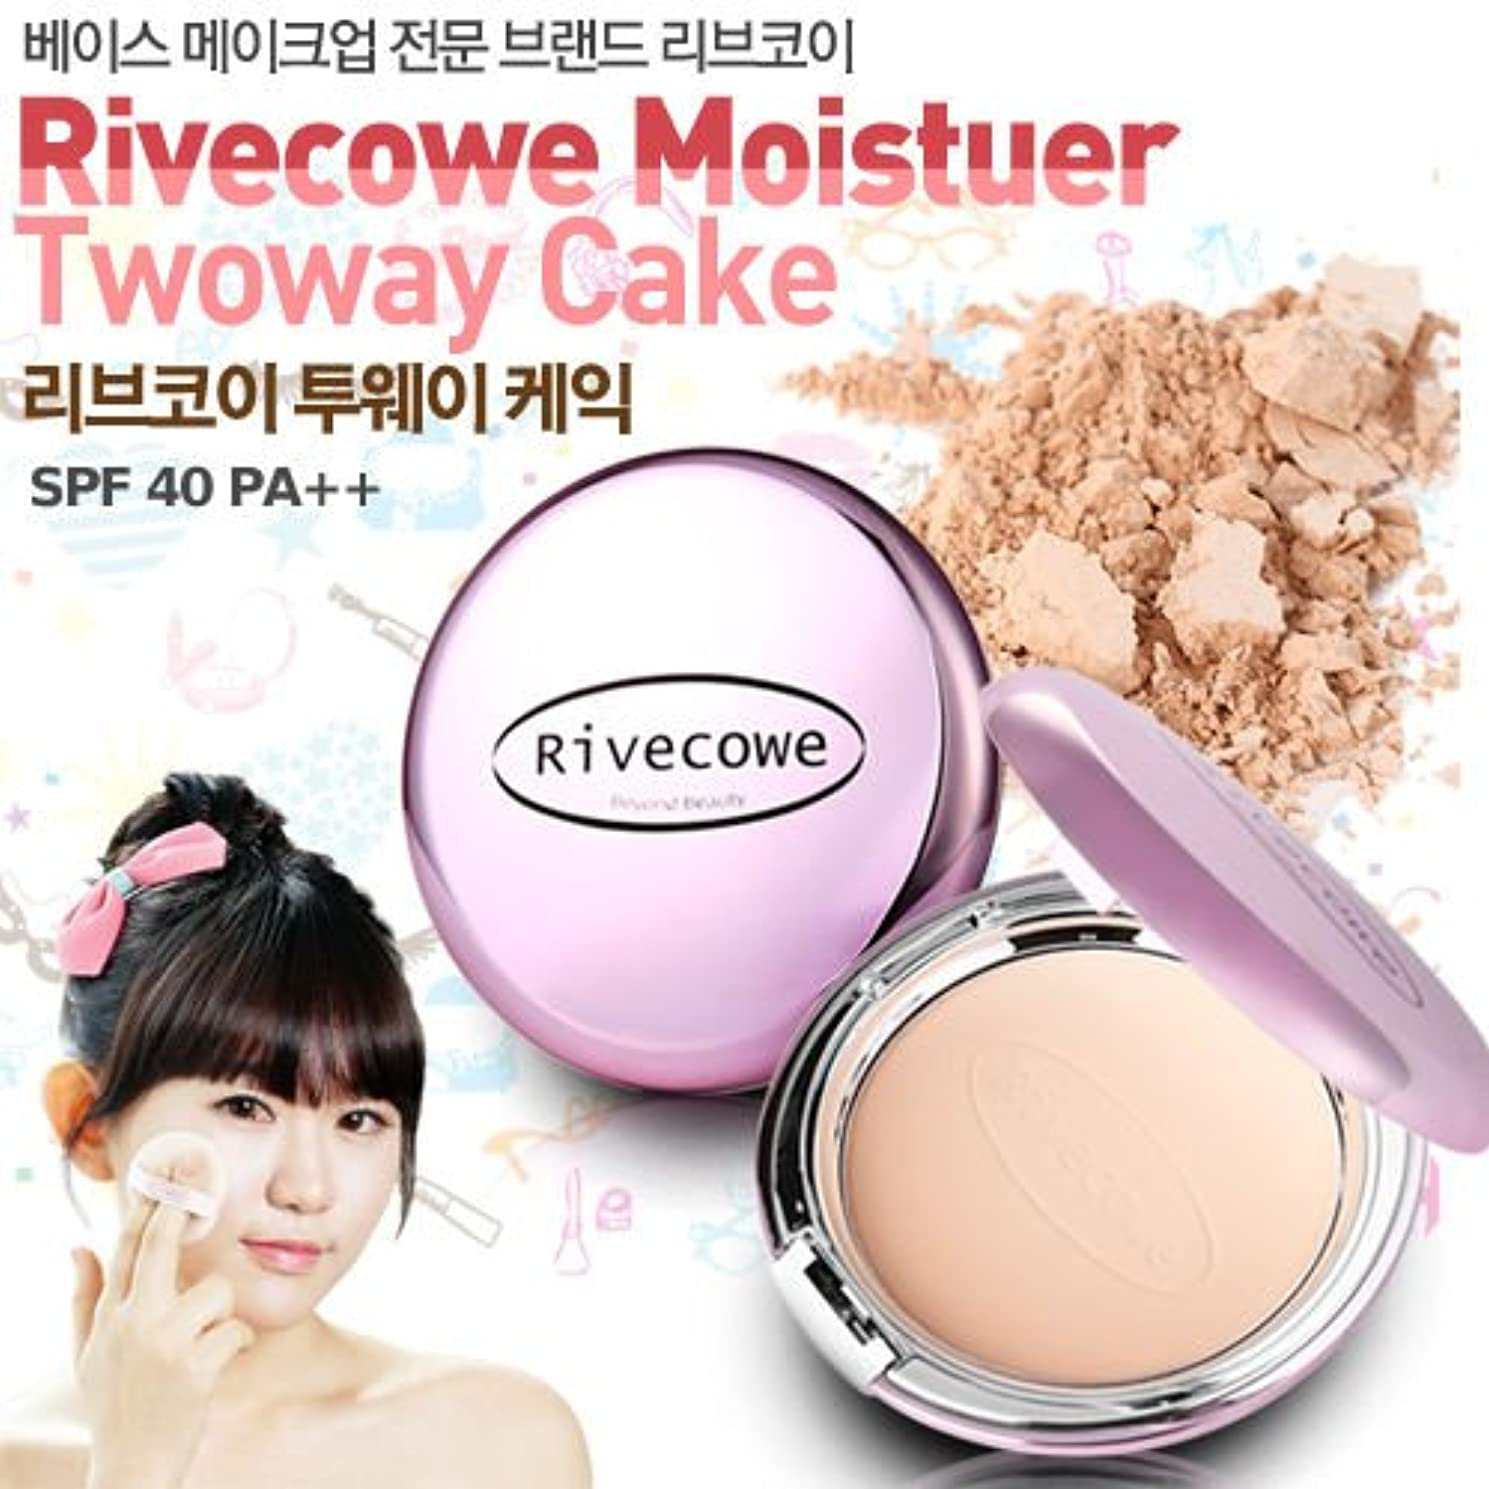 投資する憲法偏心Rivecowe Moisture Twoway Cake (Foundation + Powder) SPF40PA++ 12g (No. 23 Medium Beige) [並行輸入品]